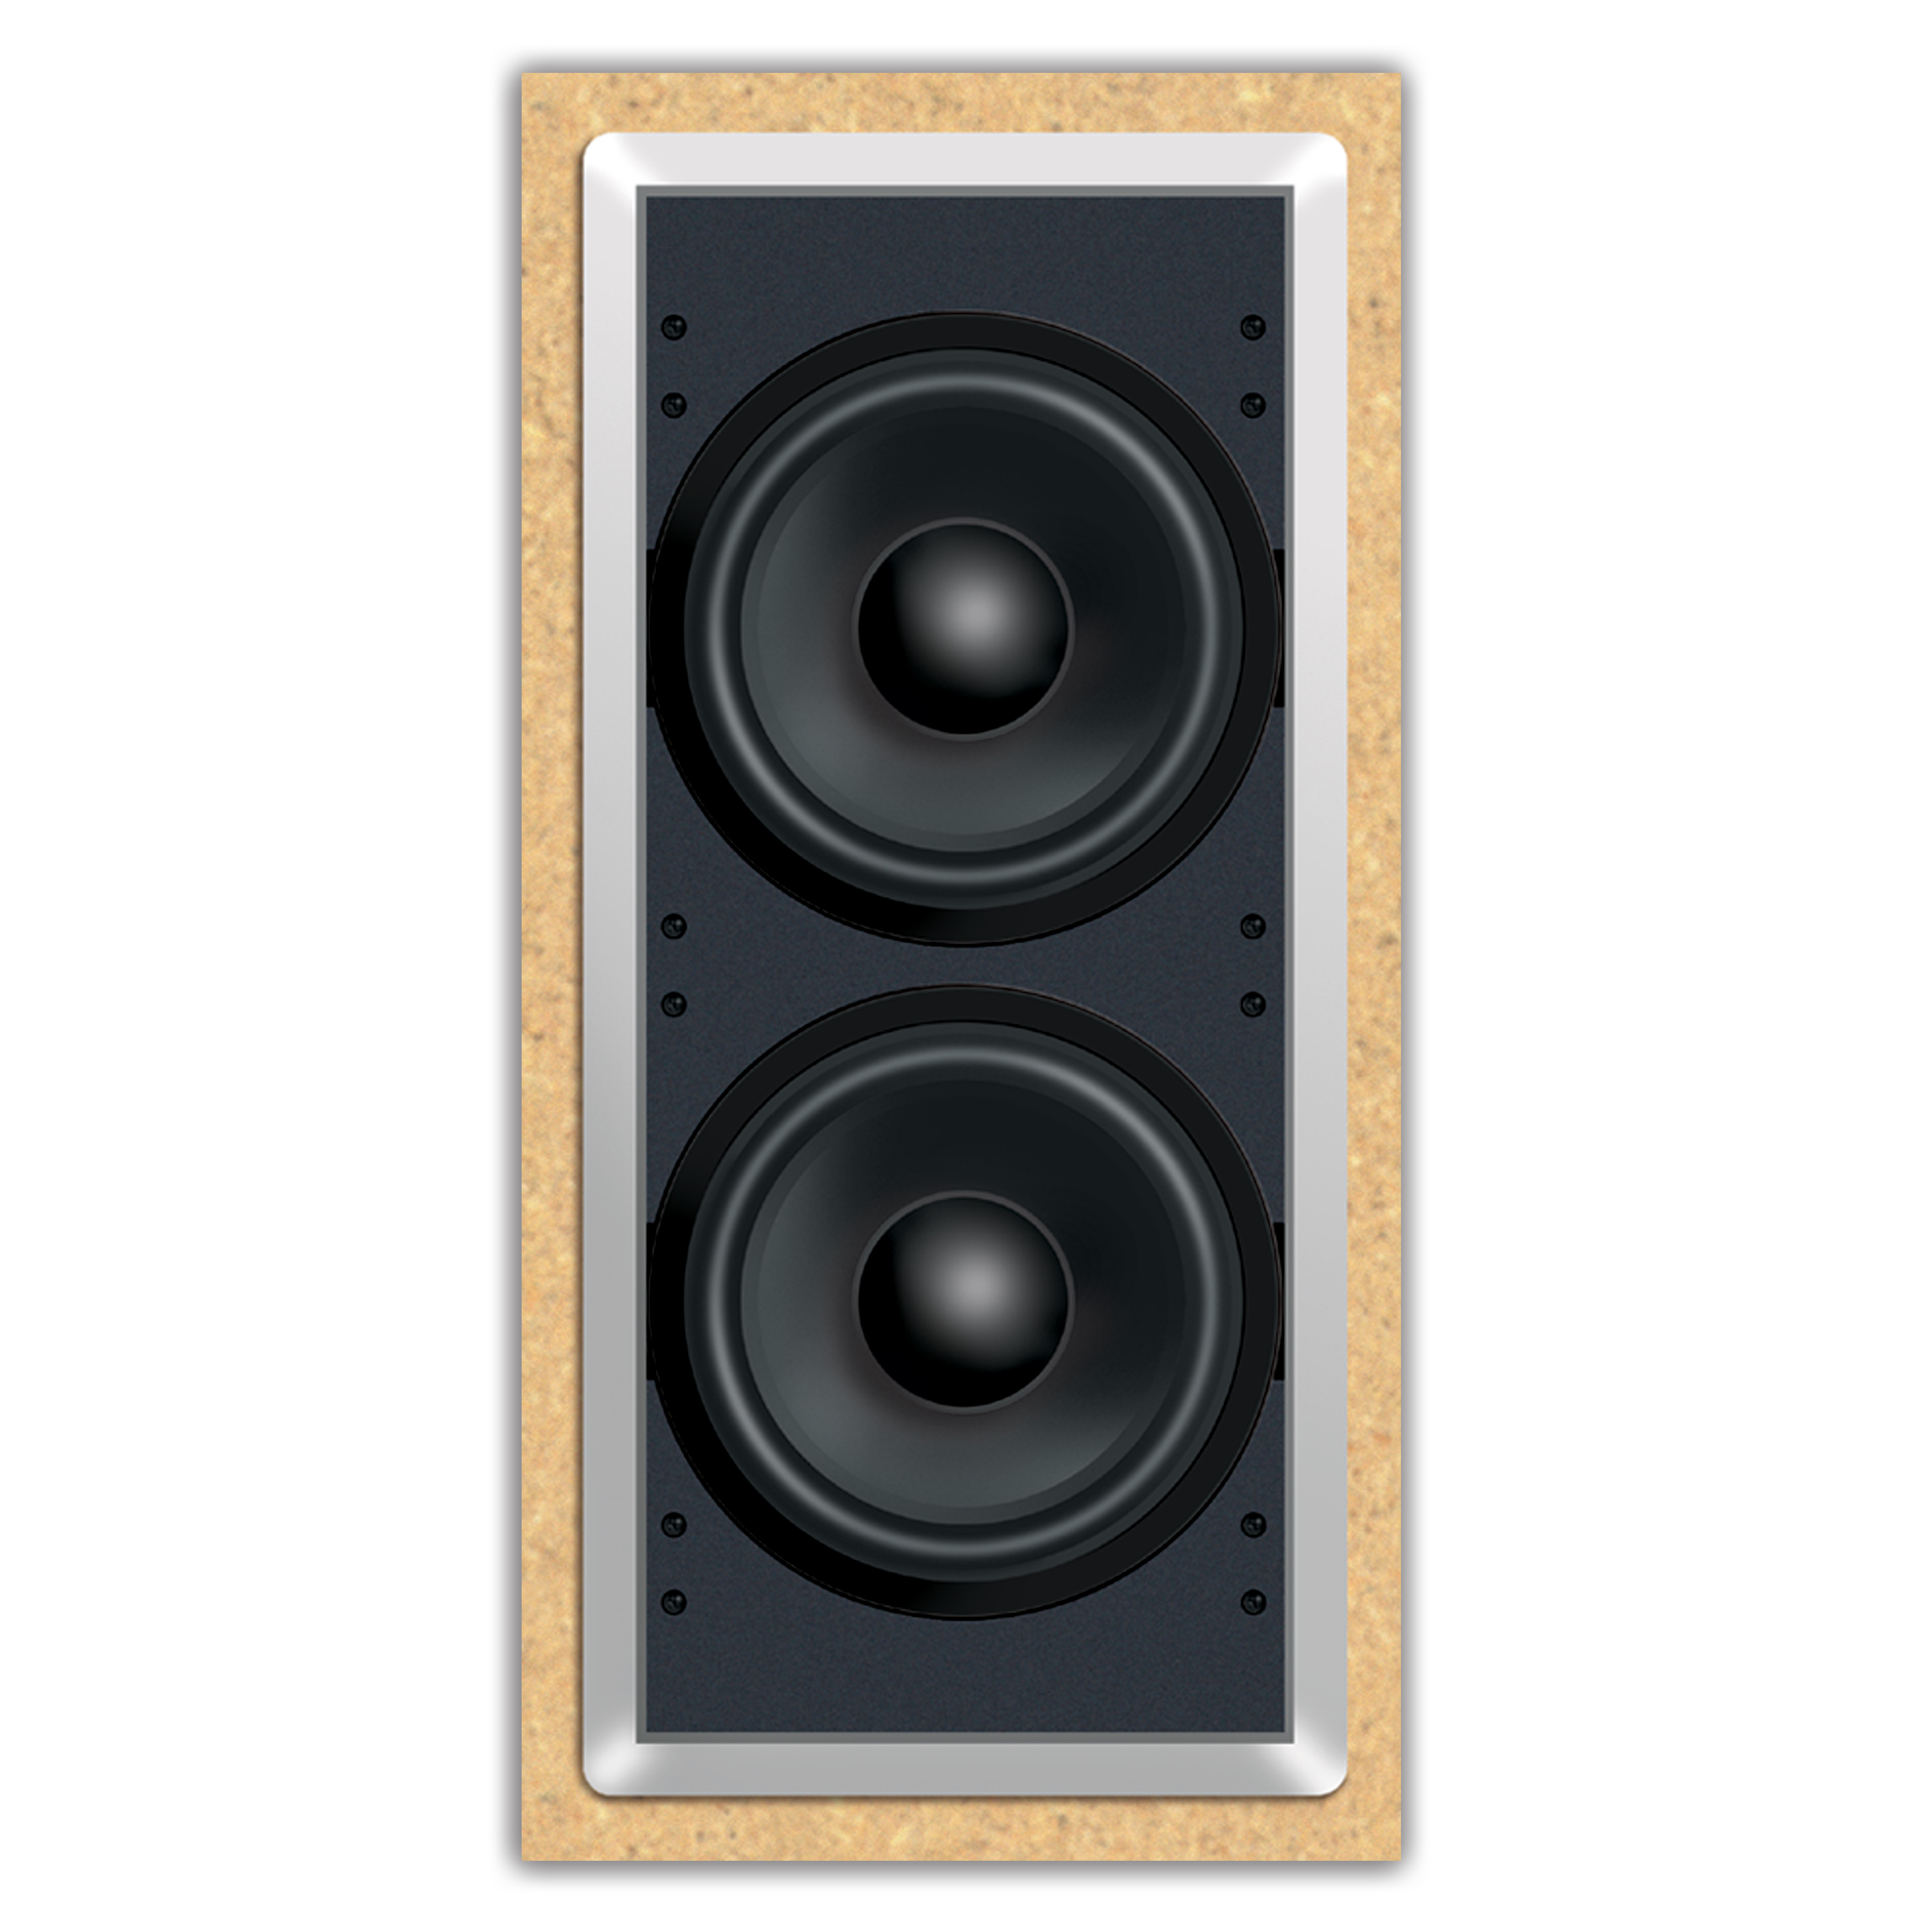 Акустика для фонового озвучивания Soundtube IW200  акустика для фонового озвучивания soundtube cm690i